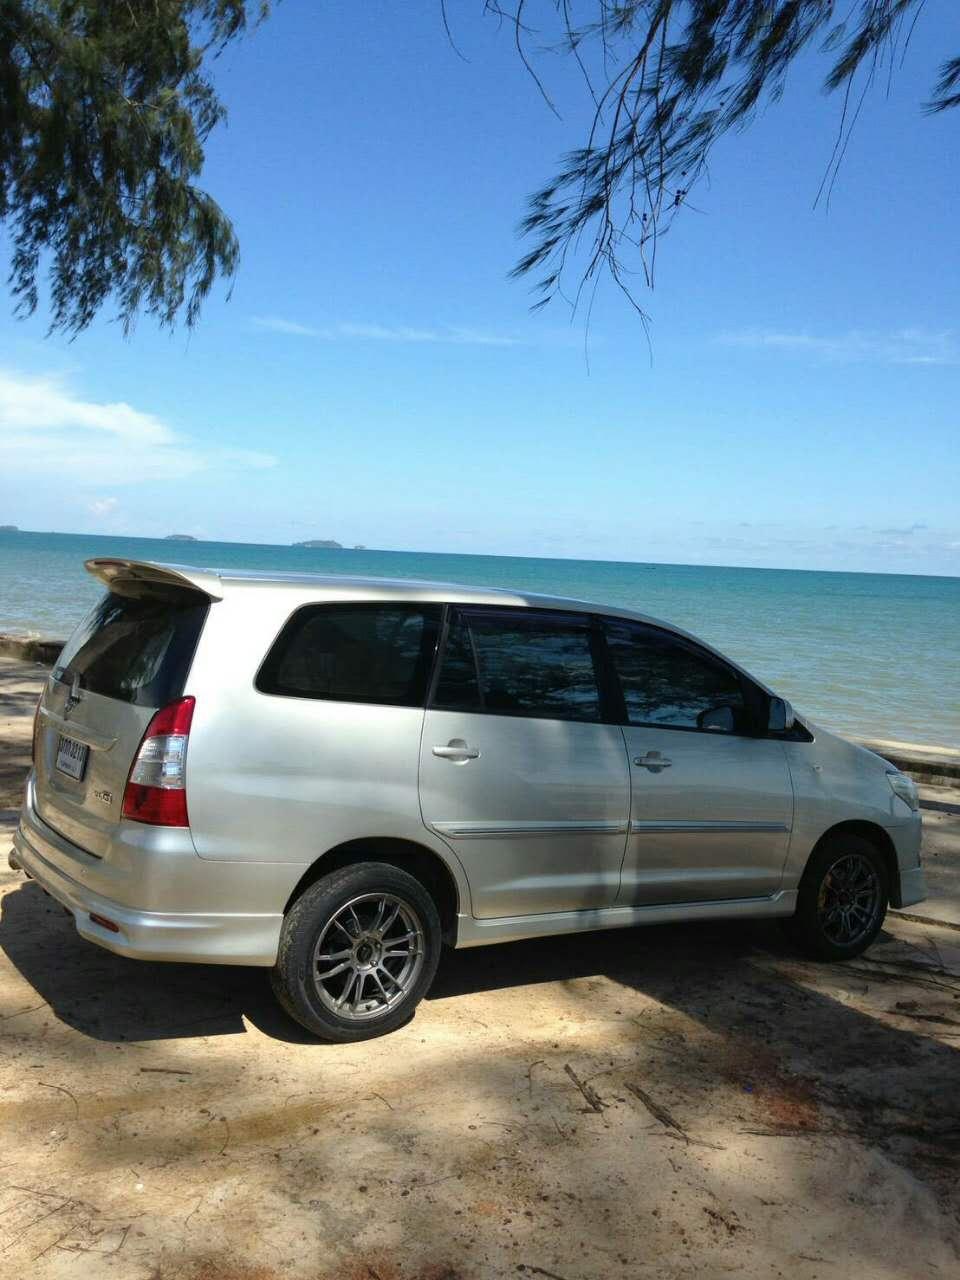 经济七座车:丰田innova或同级别车型